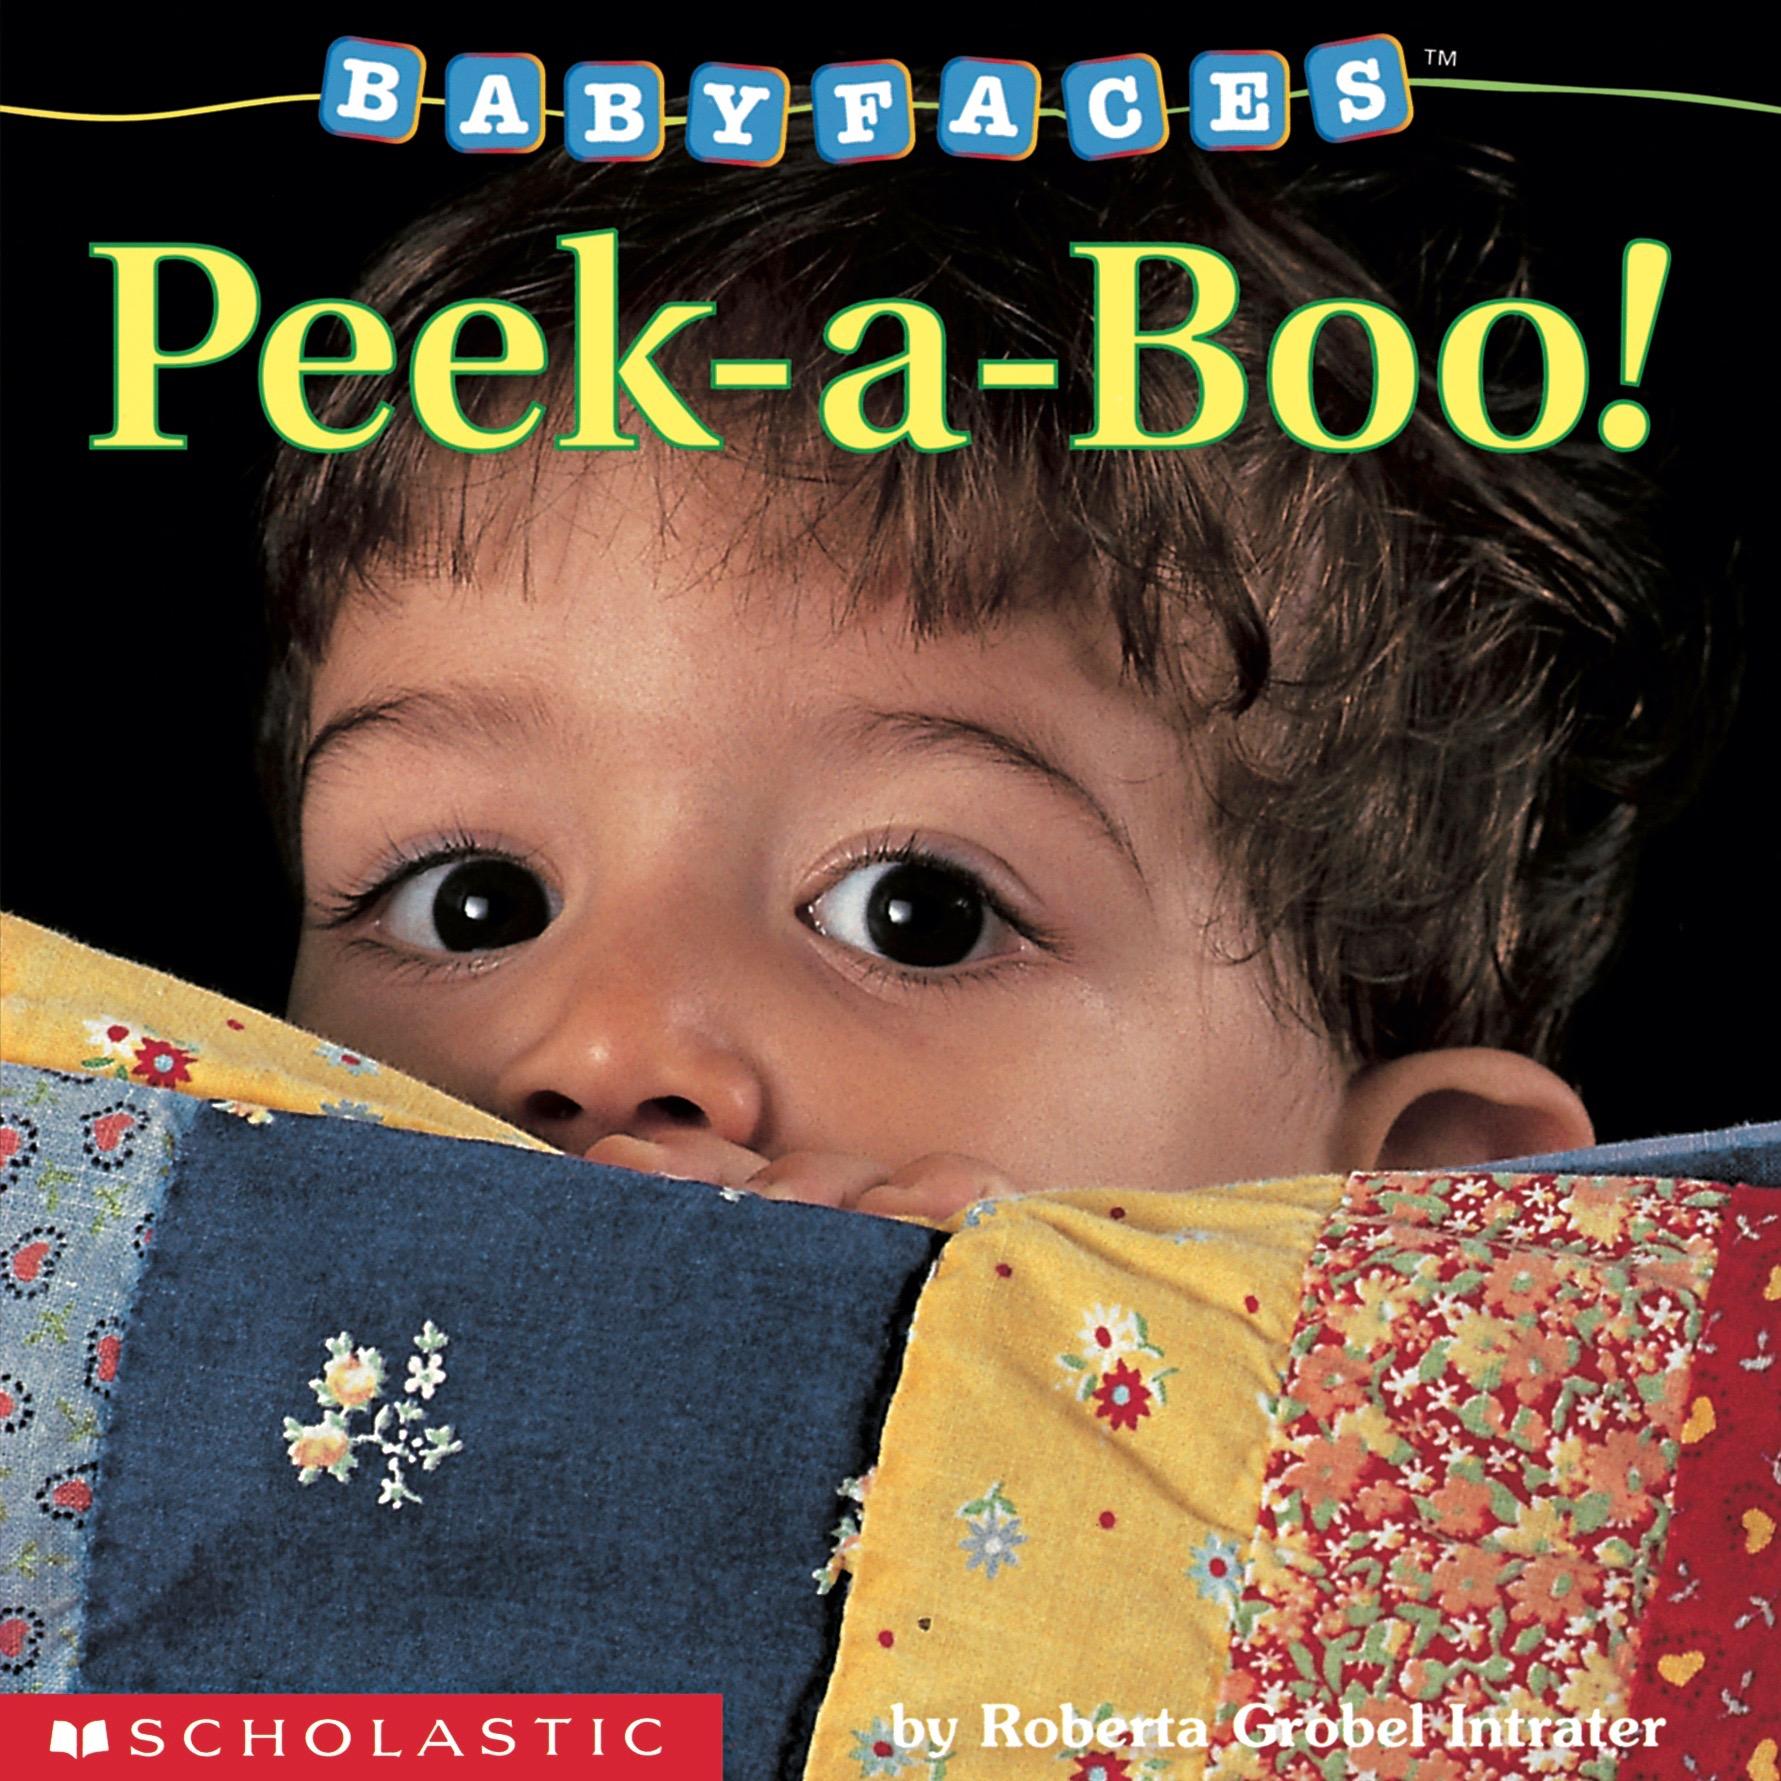 Peek-a-Boo! Baby Faces Board Book